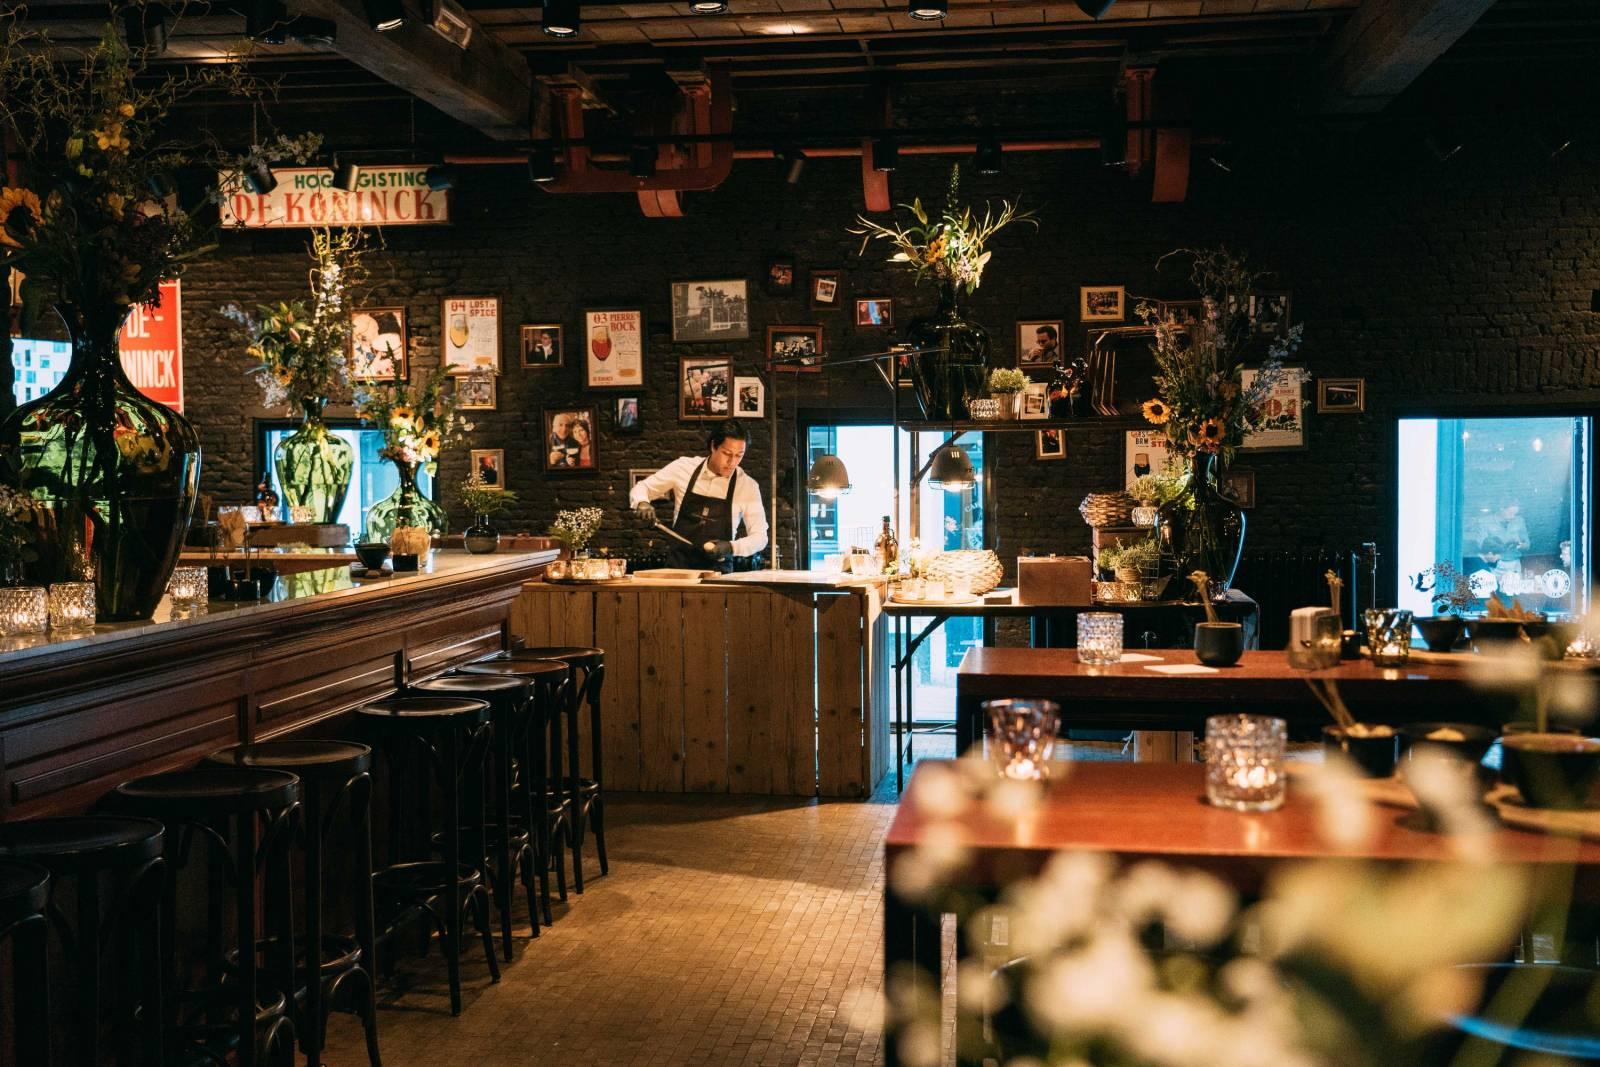 Stadsbrouwerij De Koninck - Feestzaal Antwerpen - House of Weddings - 7